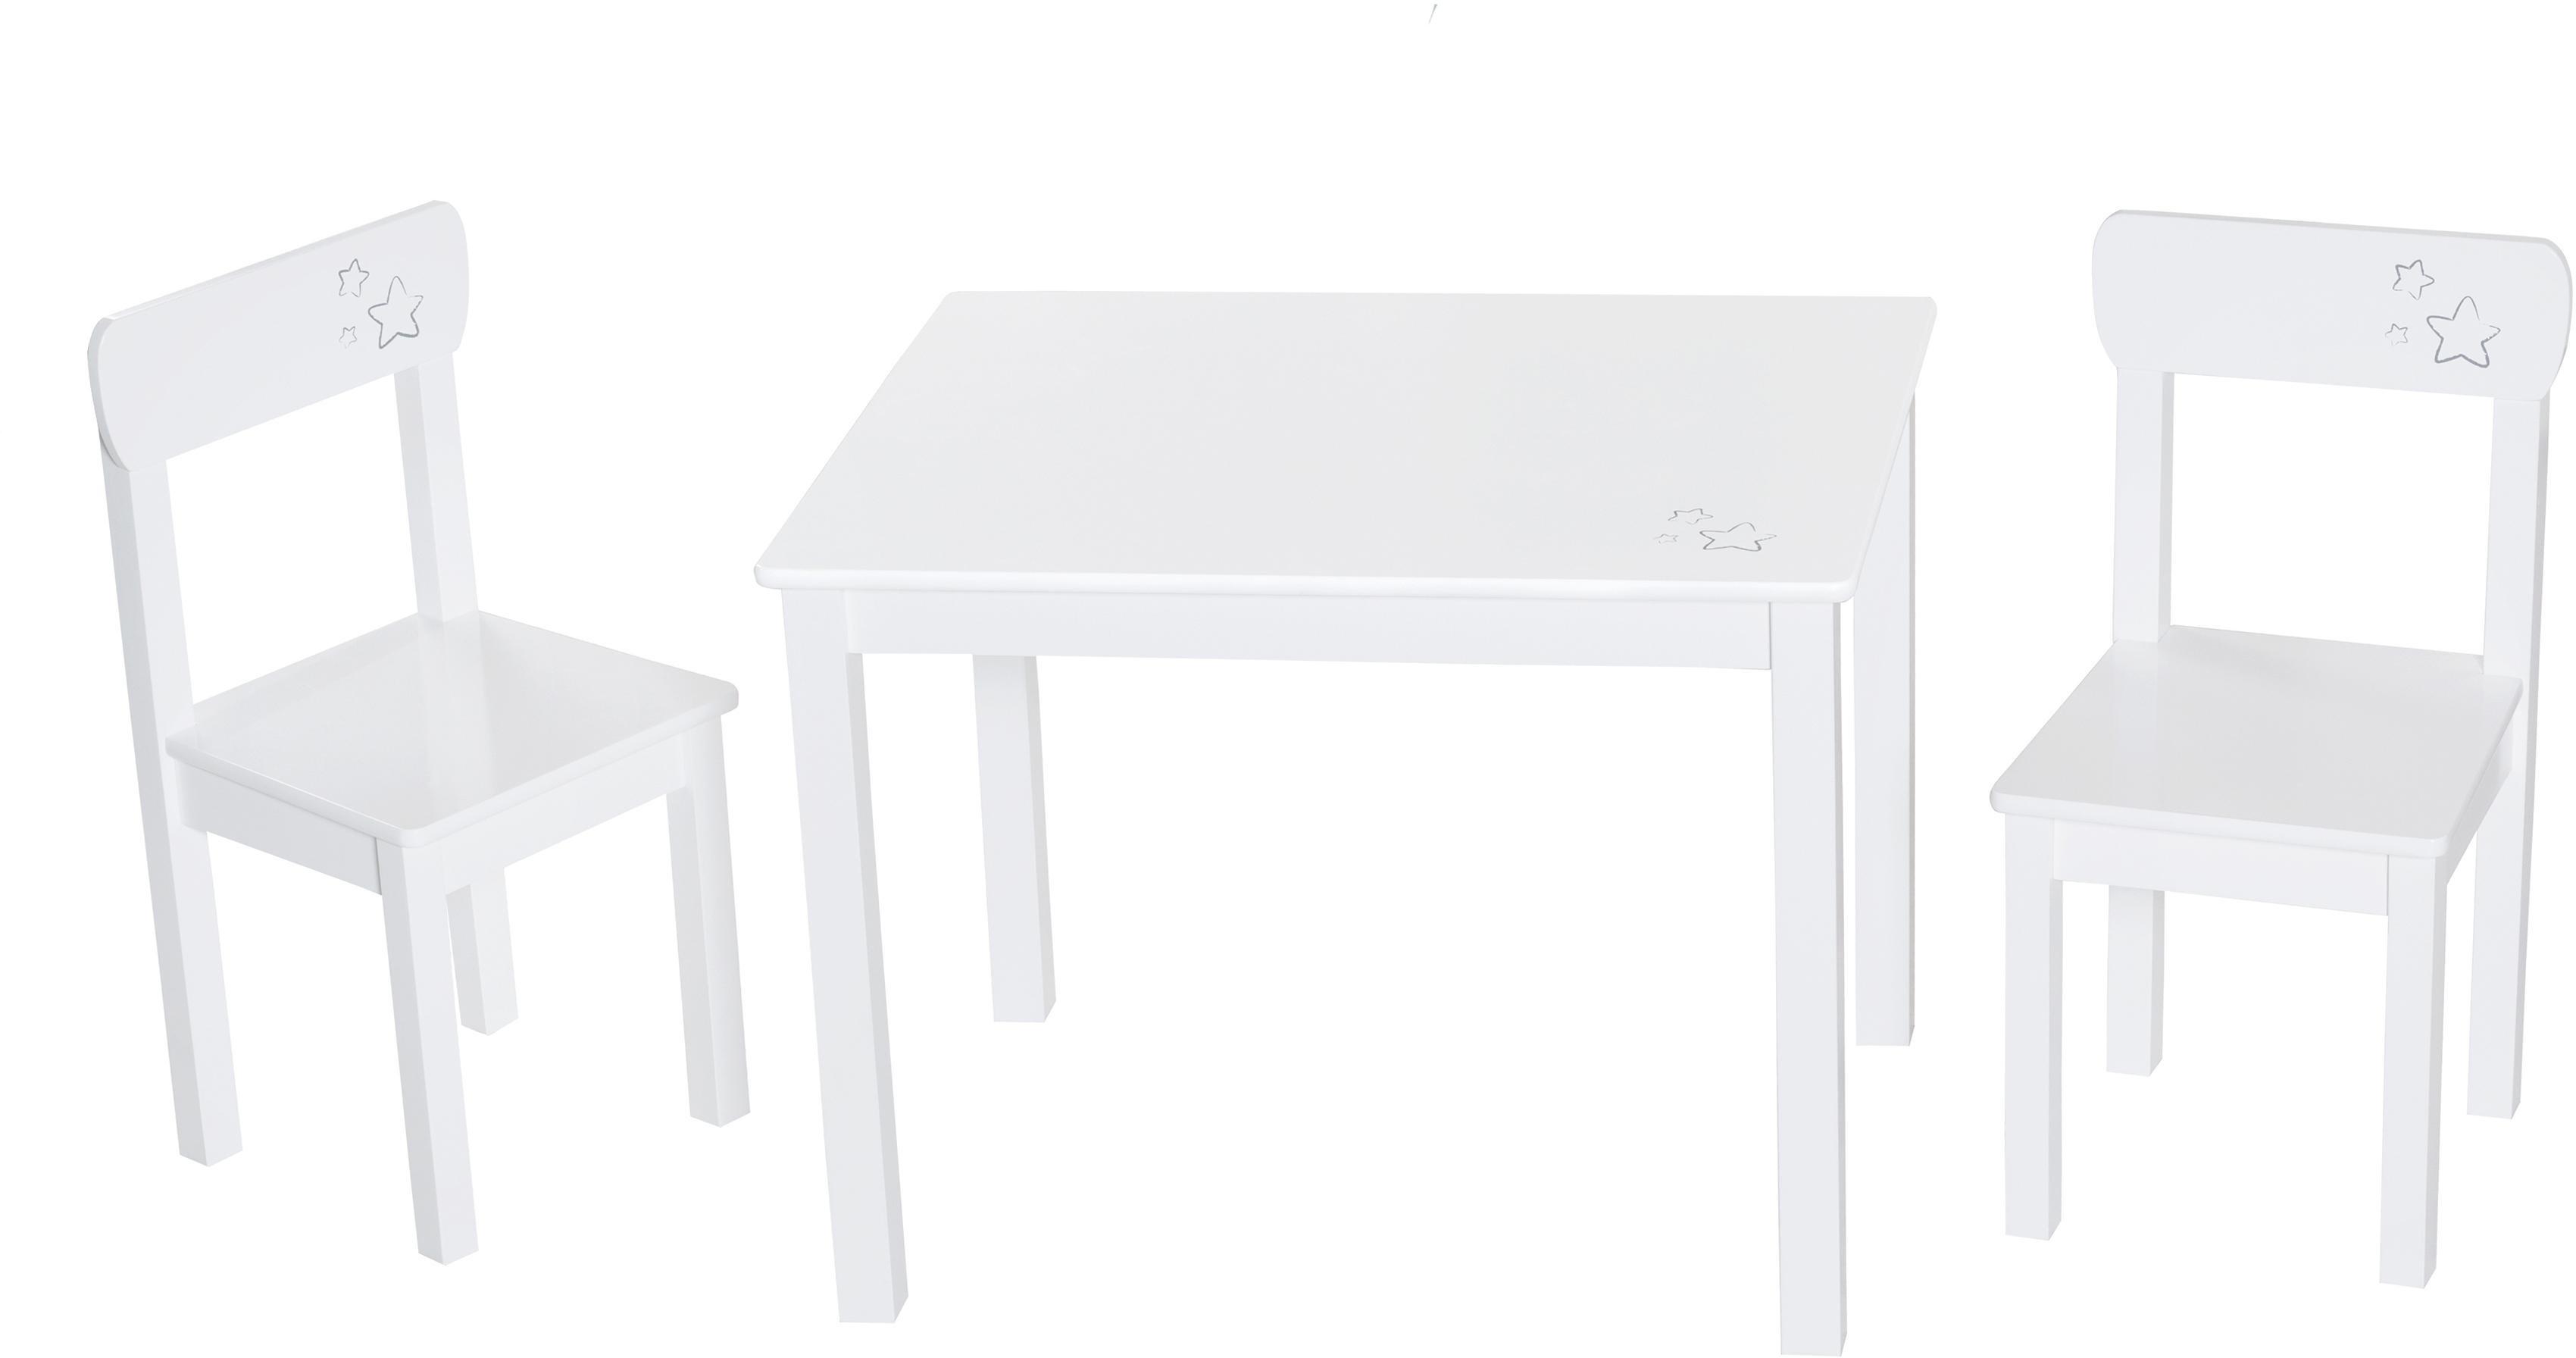 Kinderstoel Tafel Stoel.Roba Tafel En Stoelen Voor Kinderen Kindermeubelen Koop Je Bij Otto